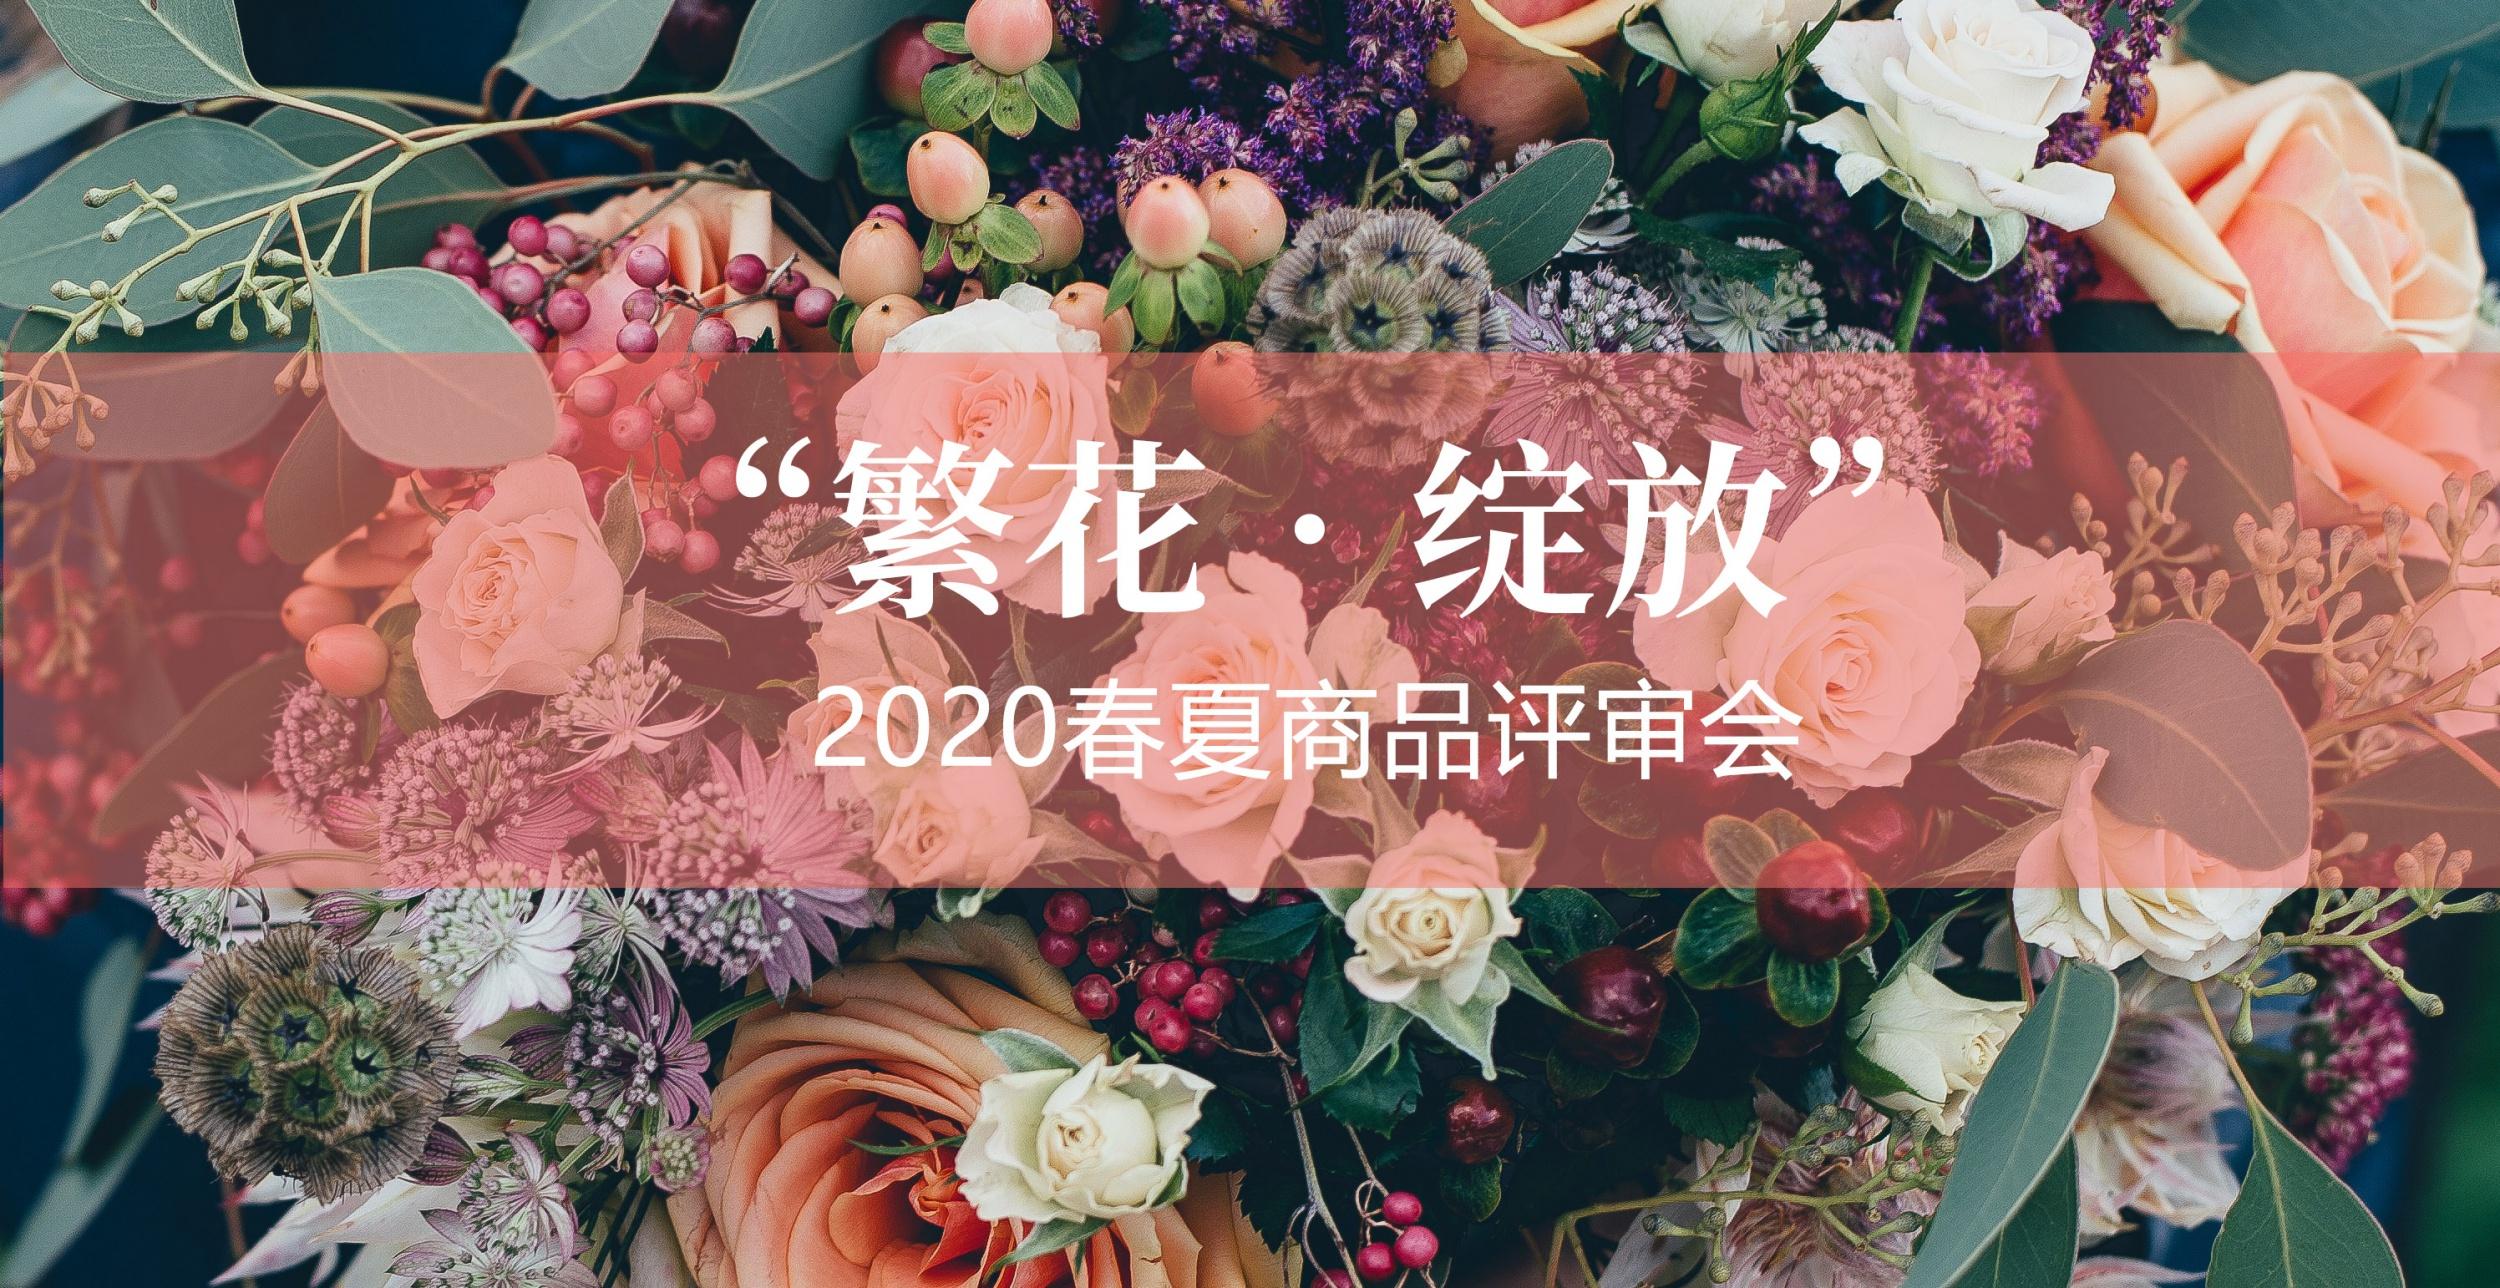 """""""繁华、绽放""""2020年春夏商品评审会"""